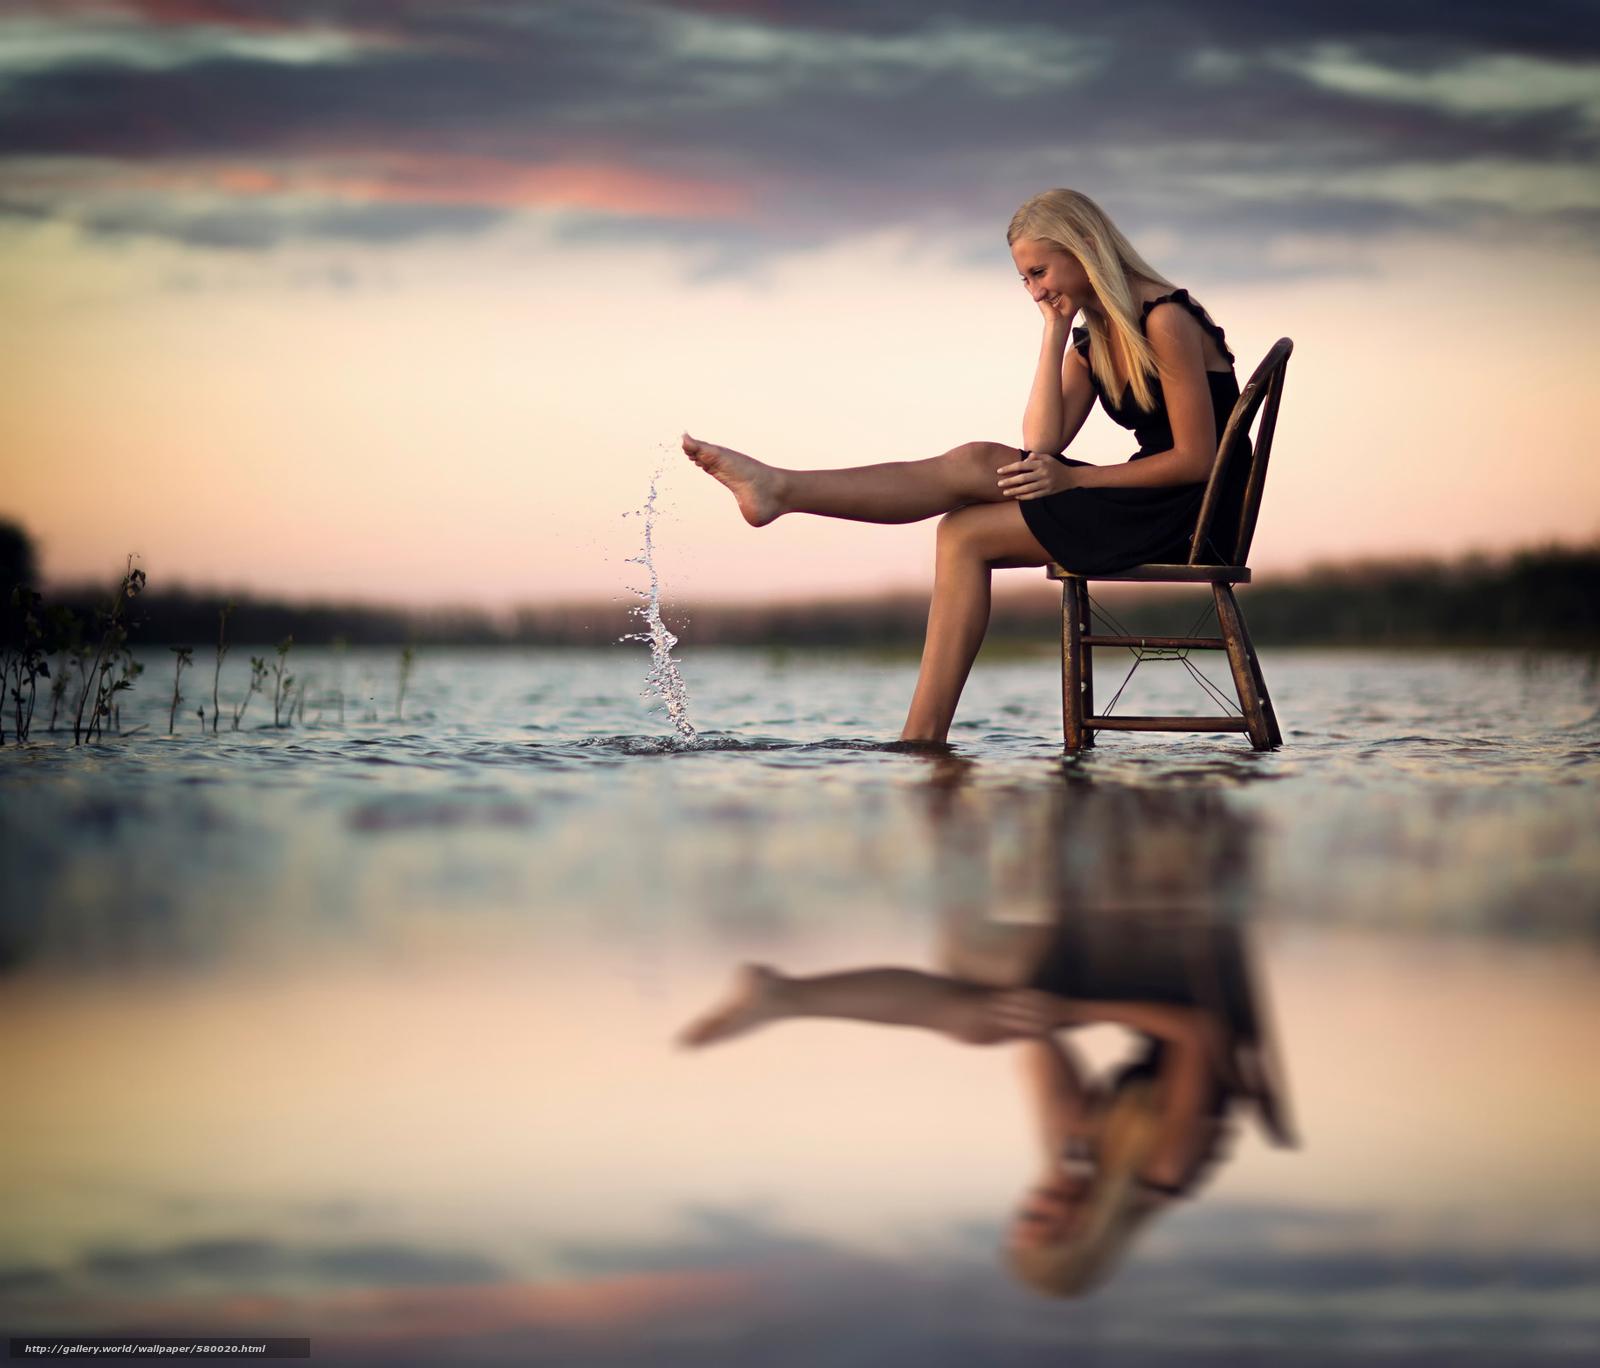 Скачать обои отражение,  стул,  всплеск,  вода бесплатно для рабочего стола в разрешении 2048x1751 — картинка №580020